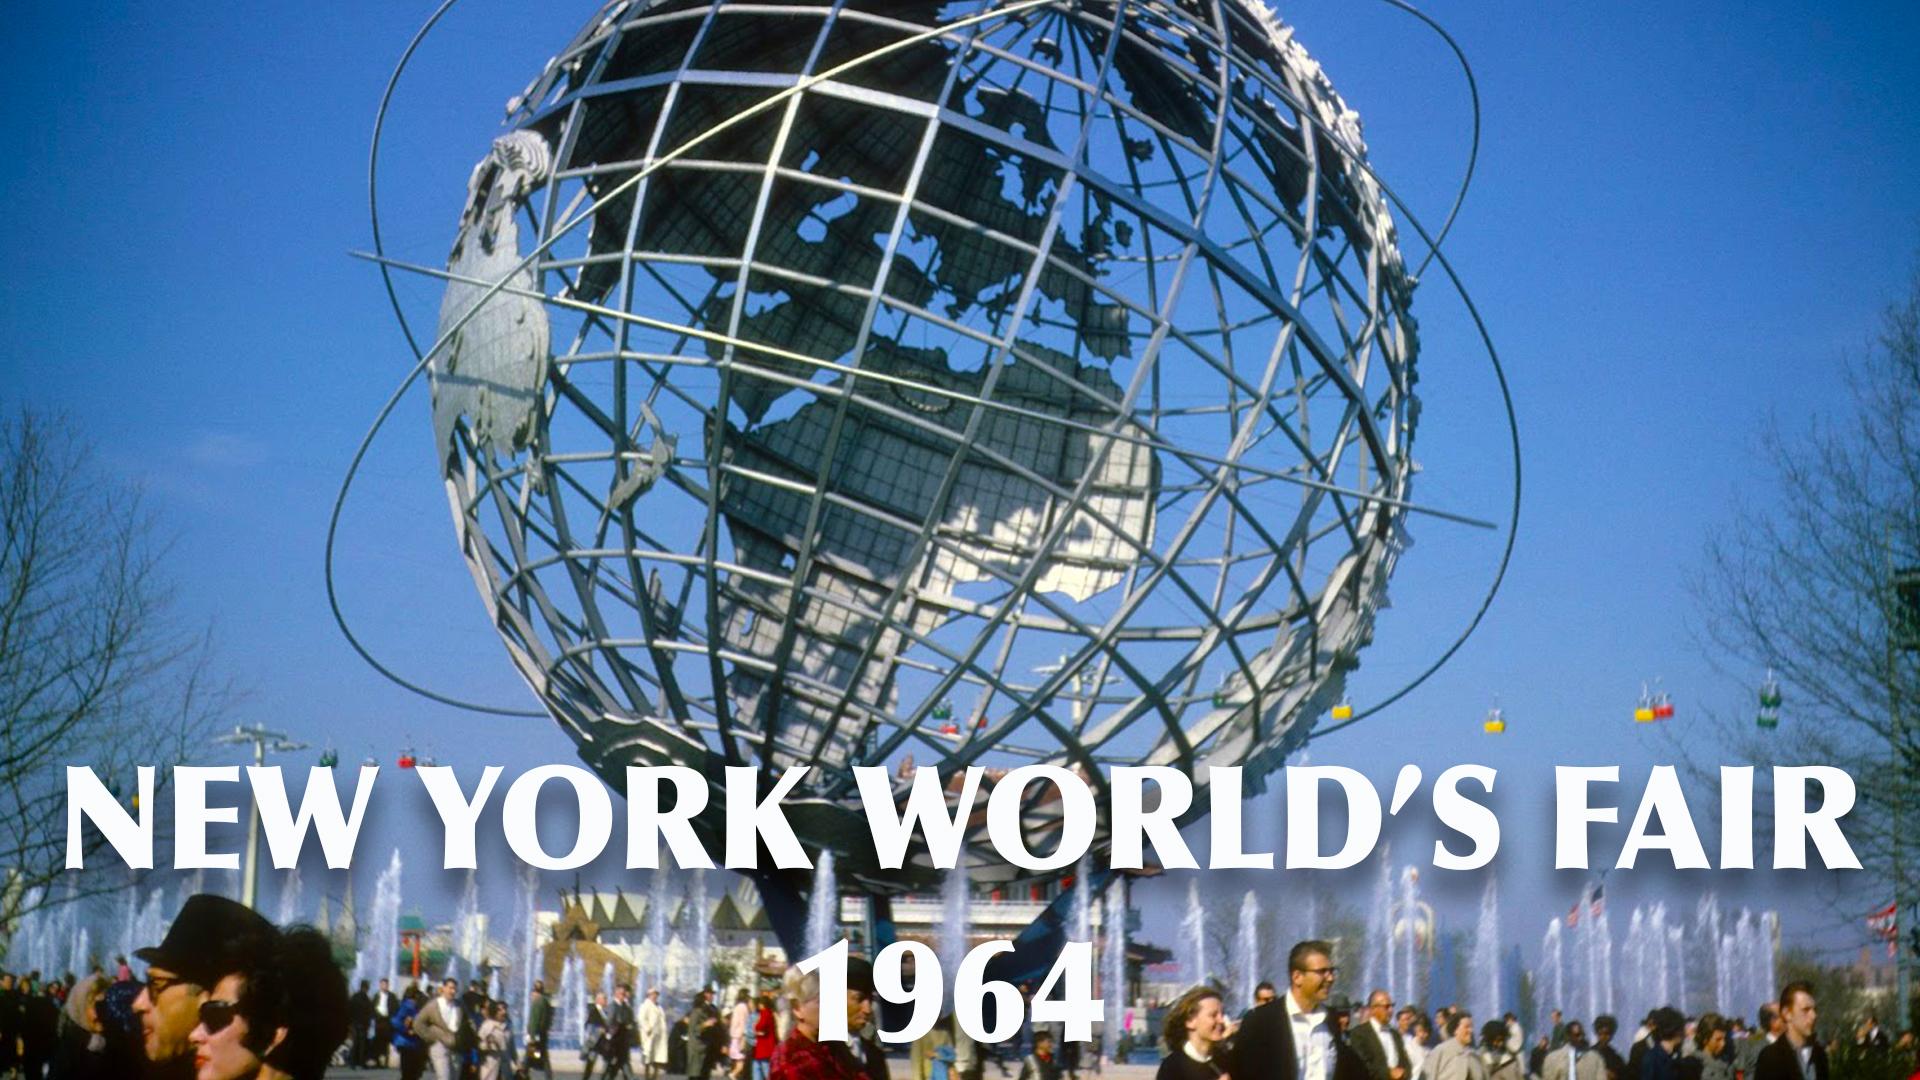 New York World's Fair 1964